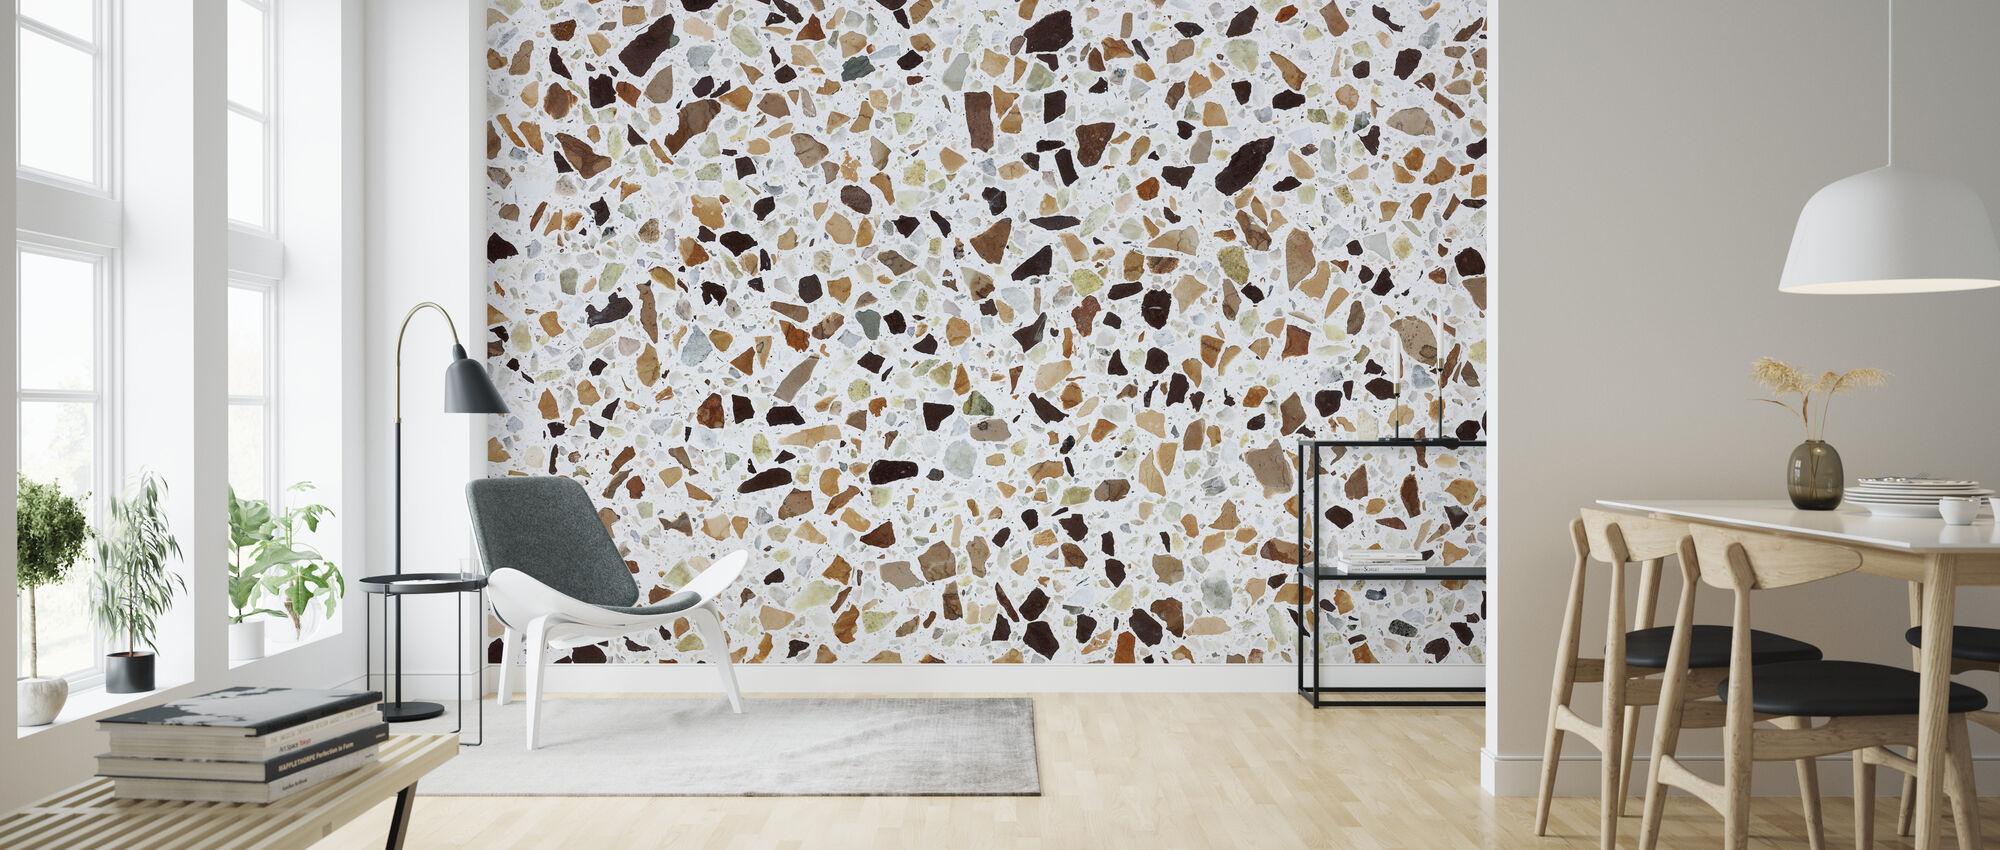 Classic Terrazzo Texturae - Wallpaper - Living Room